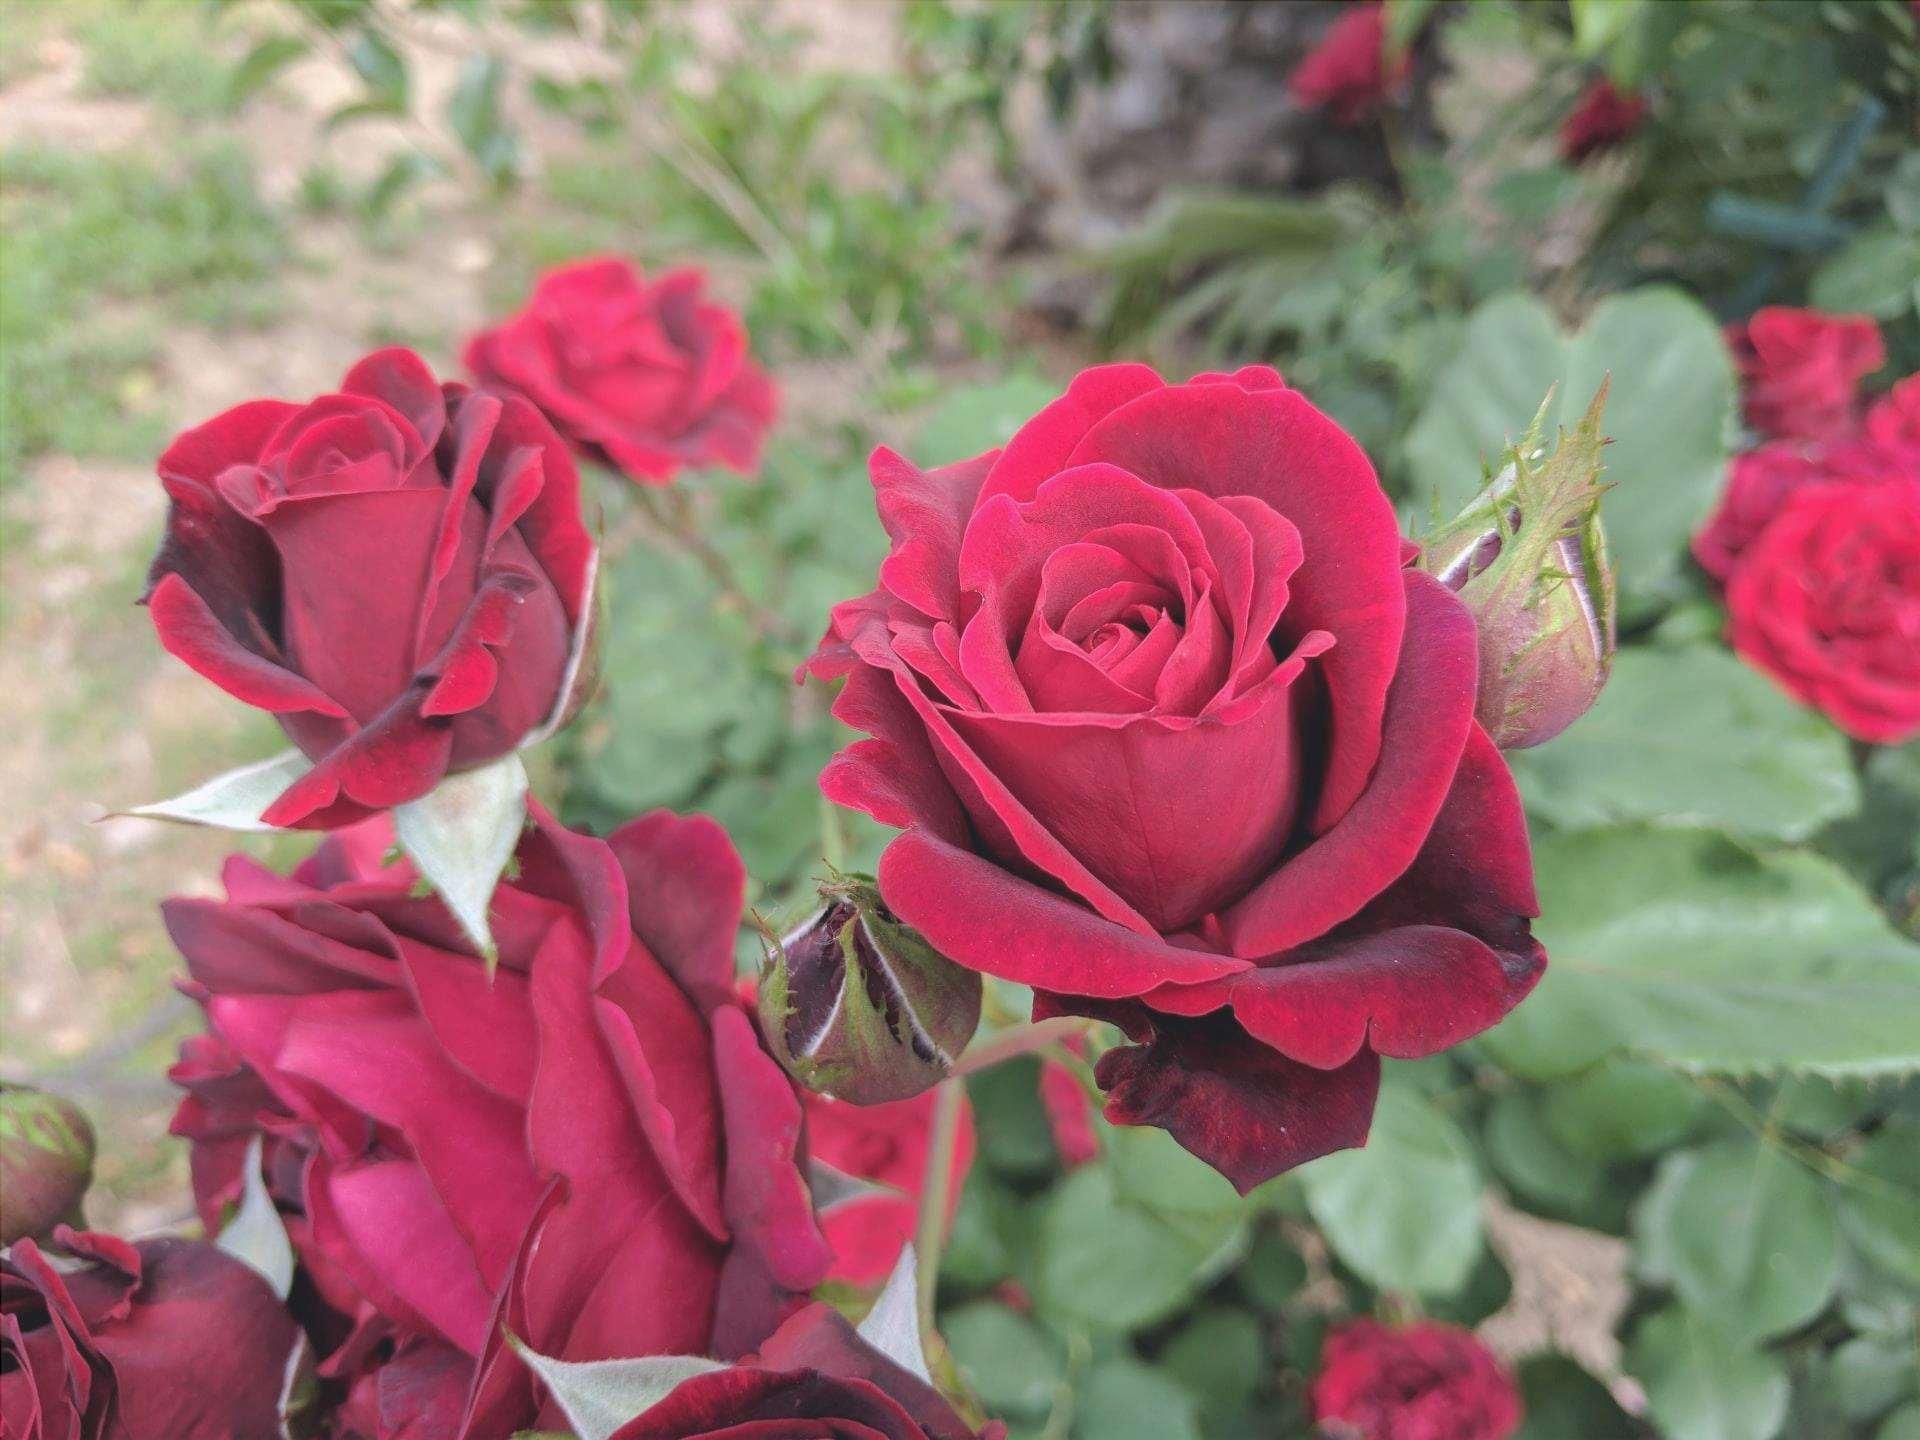 Le rose sono piante che sono state coltivate per secoli.